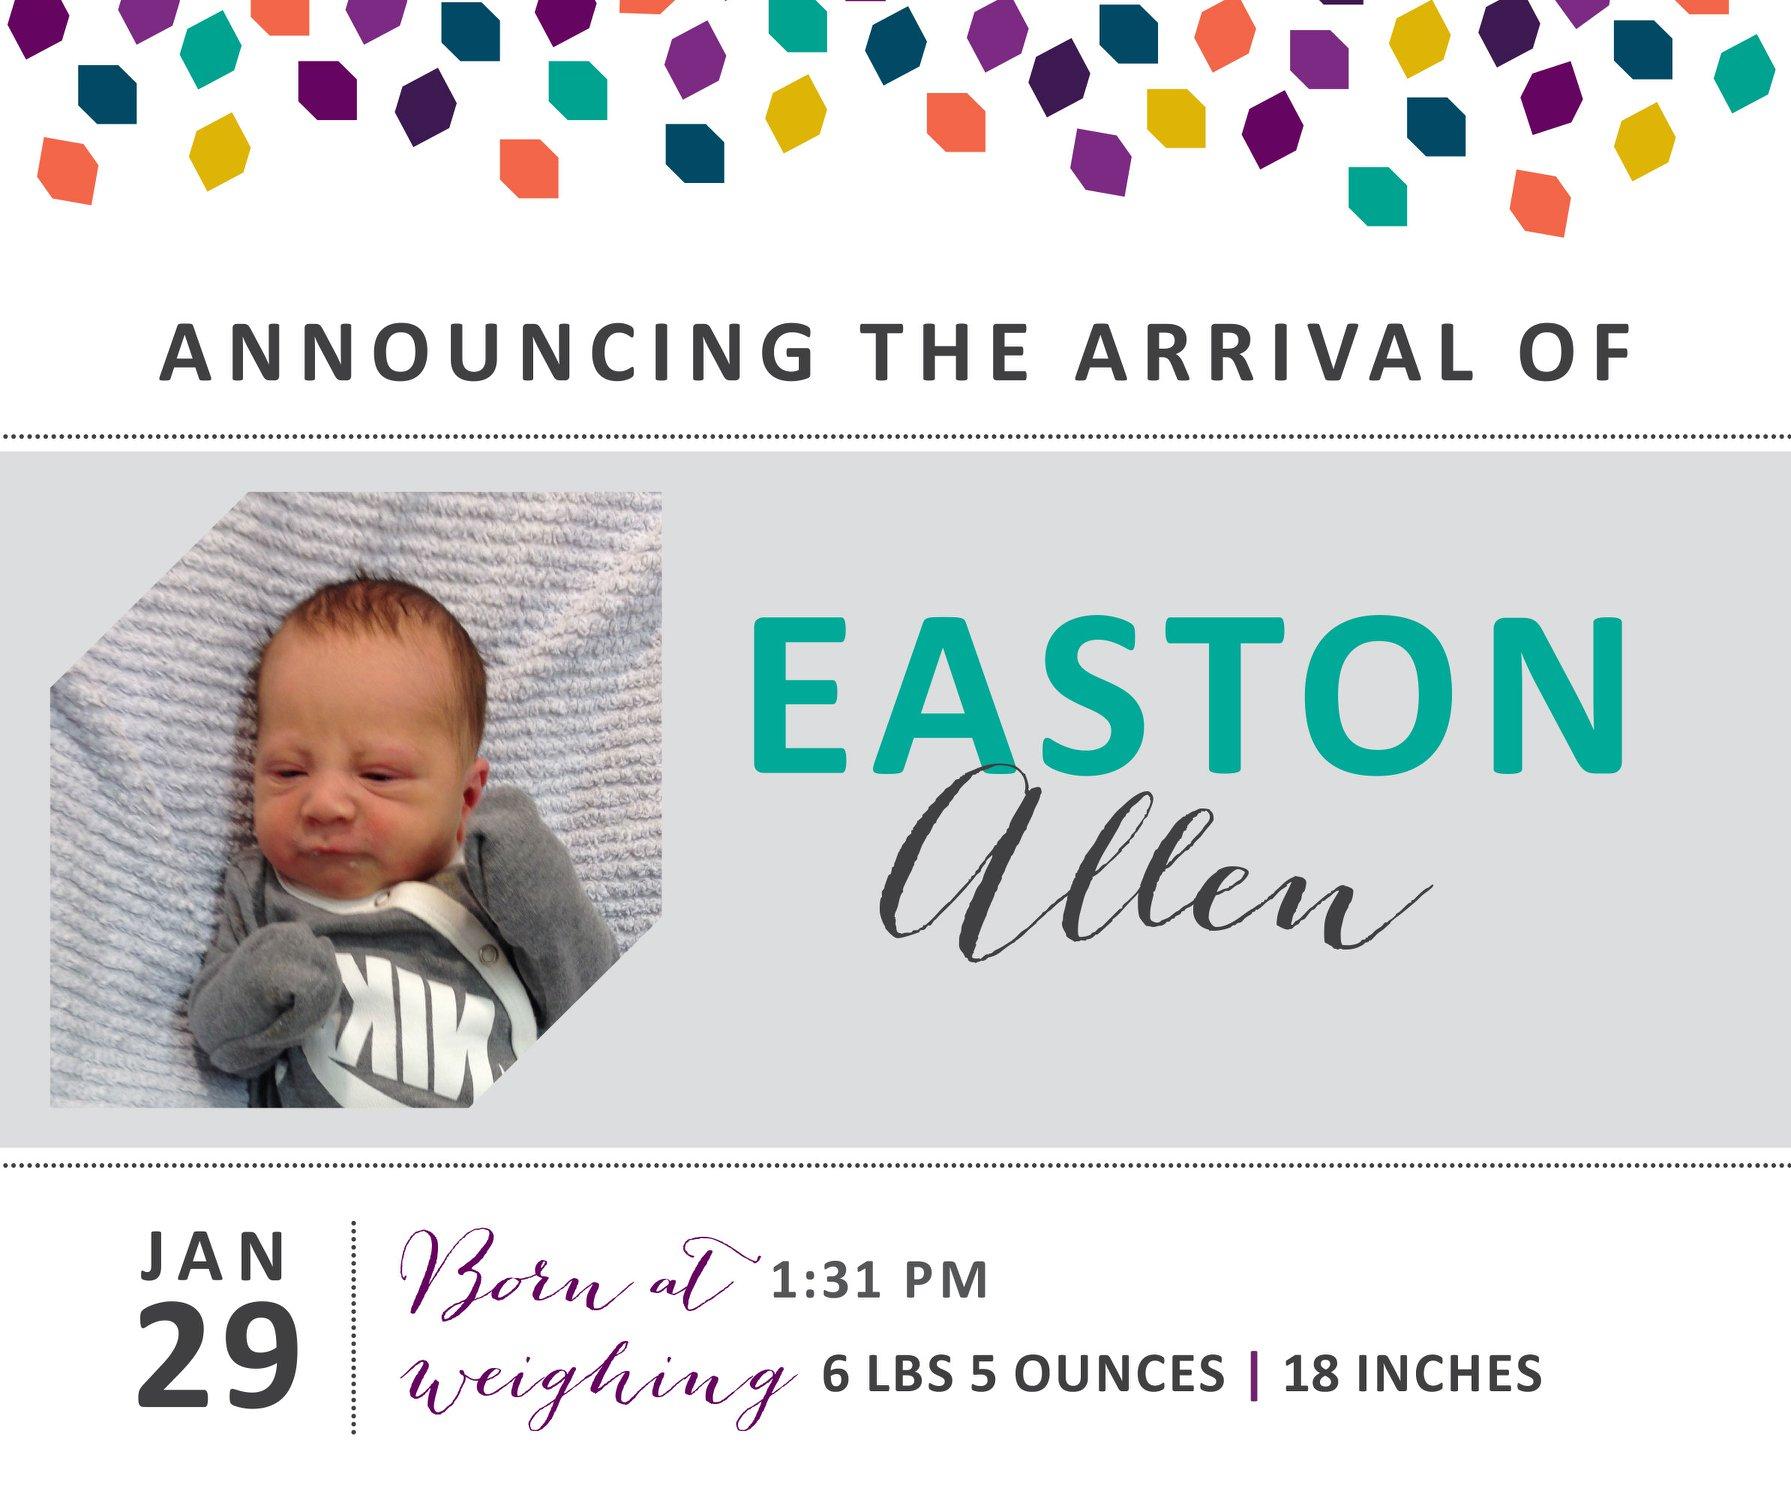 Easton Allen 1